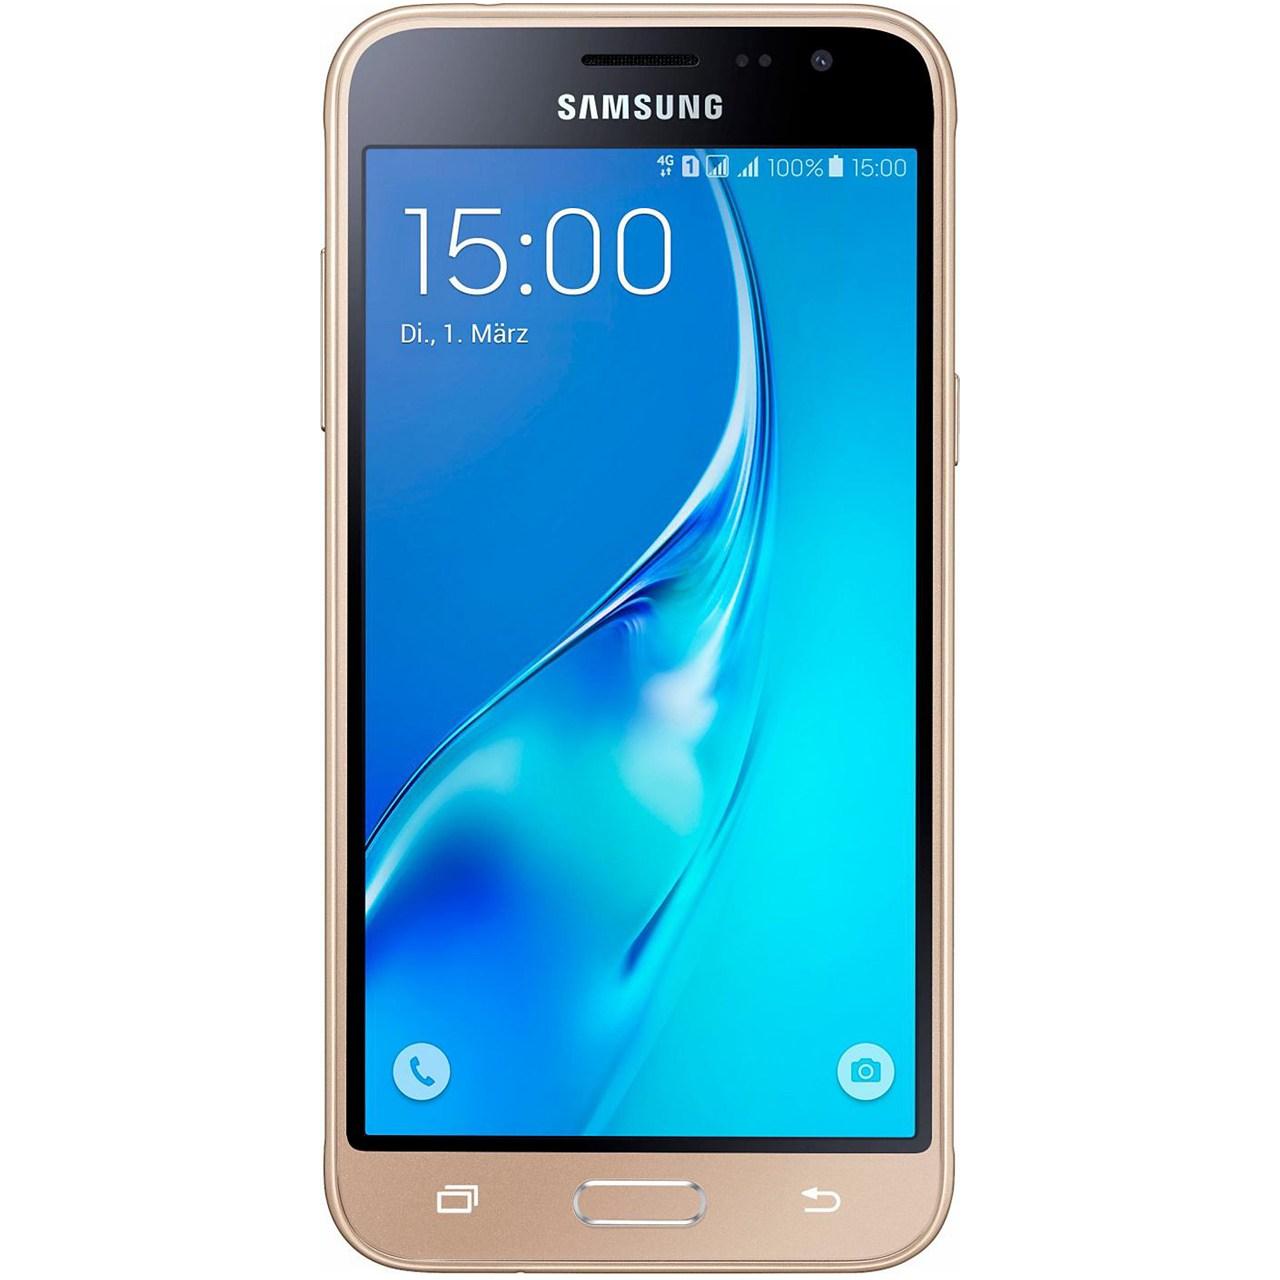 گوشی موبایل سامسونگ مدل samsung galaxy j1 (2016)